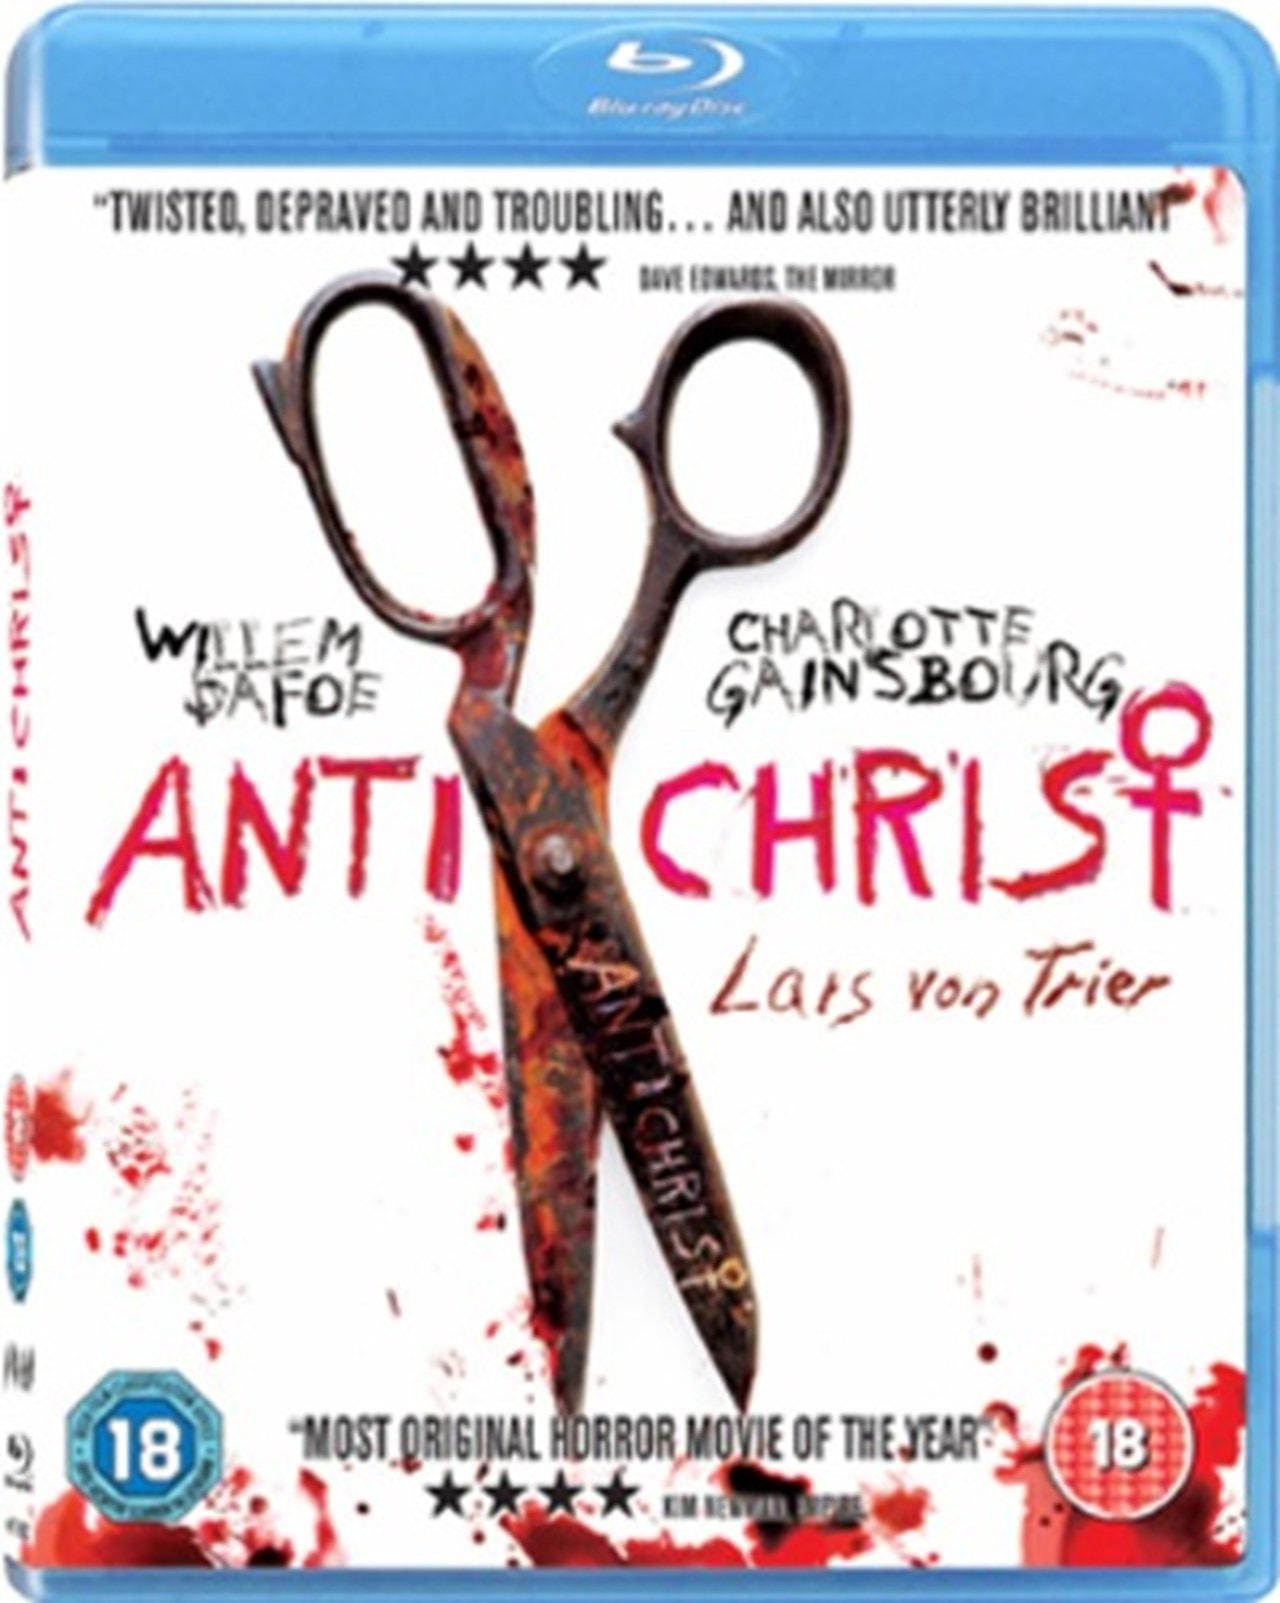 Antichrist - 1